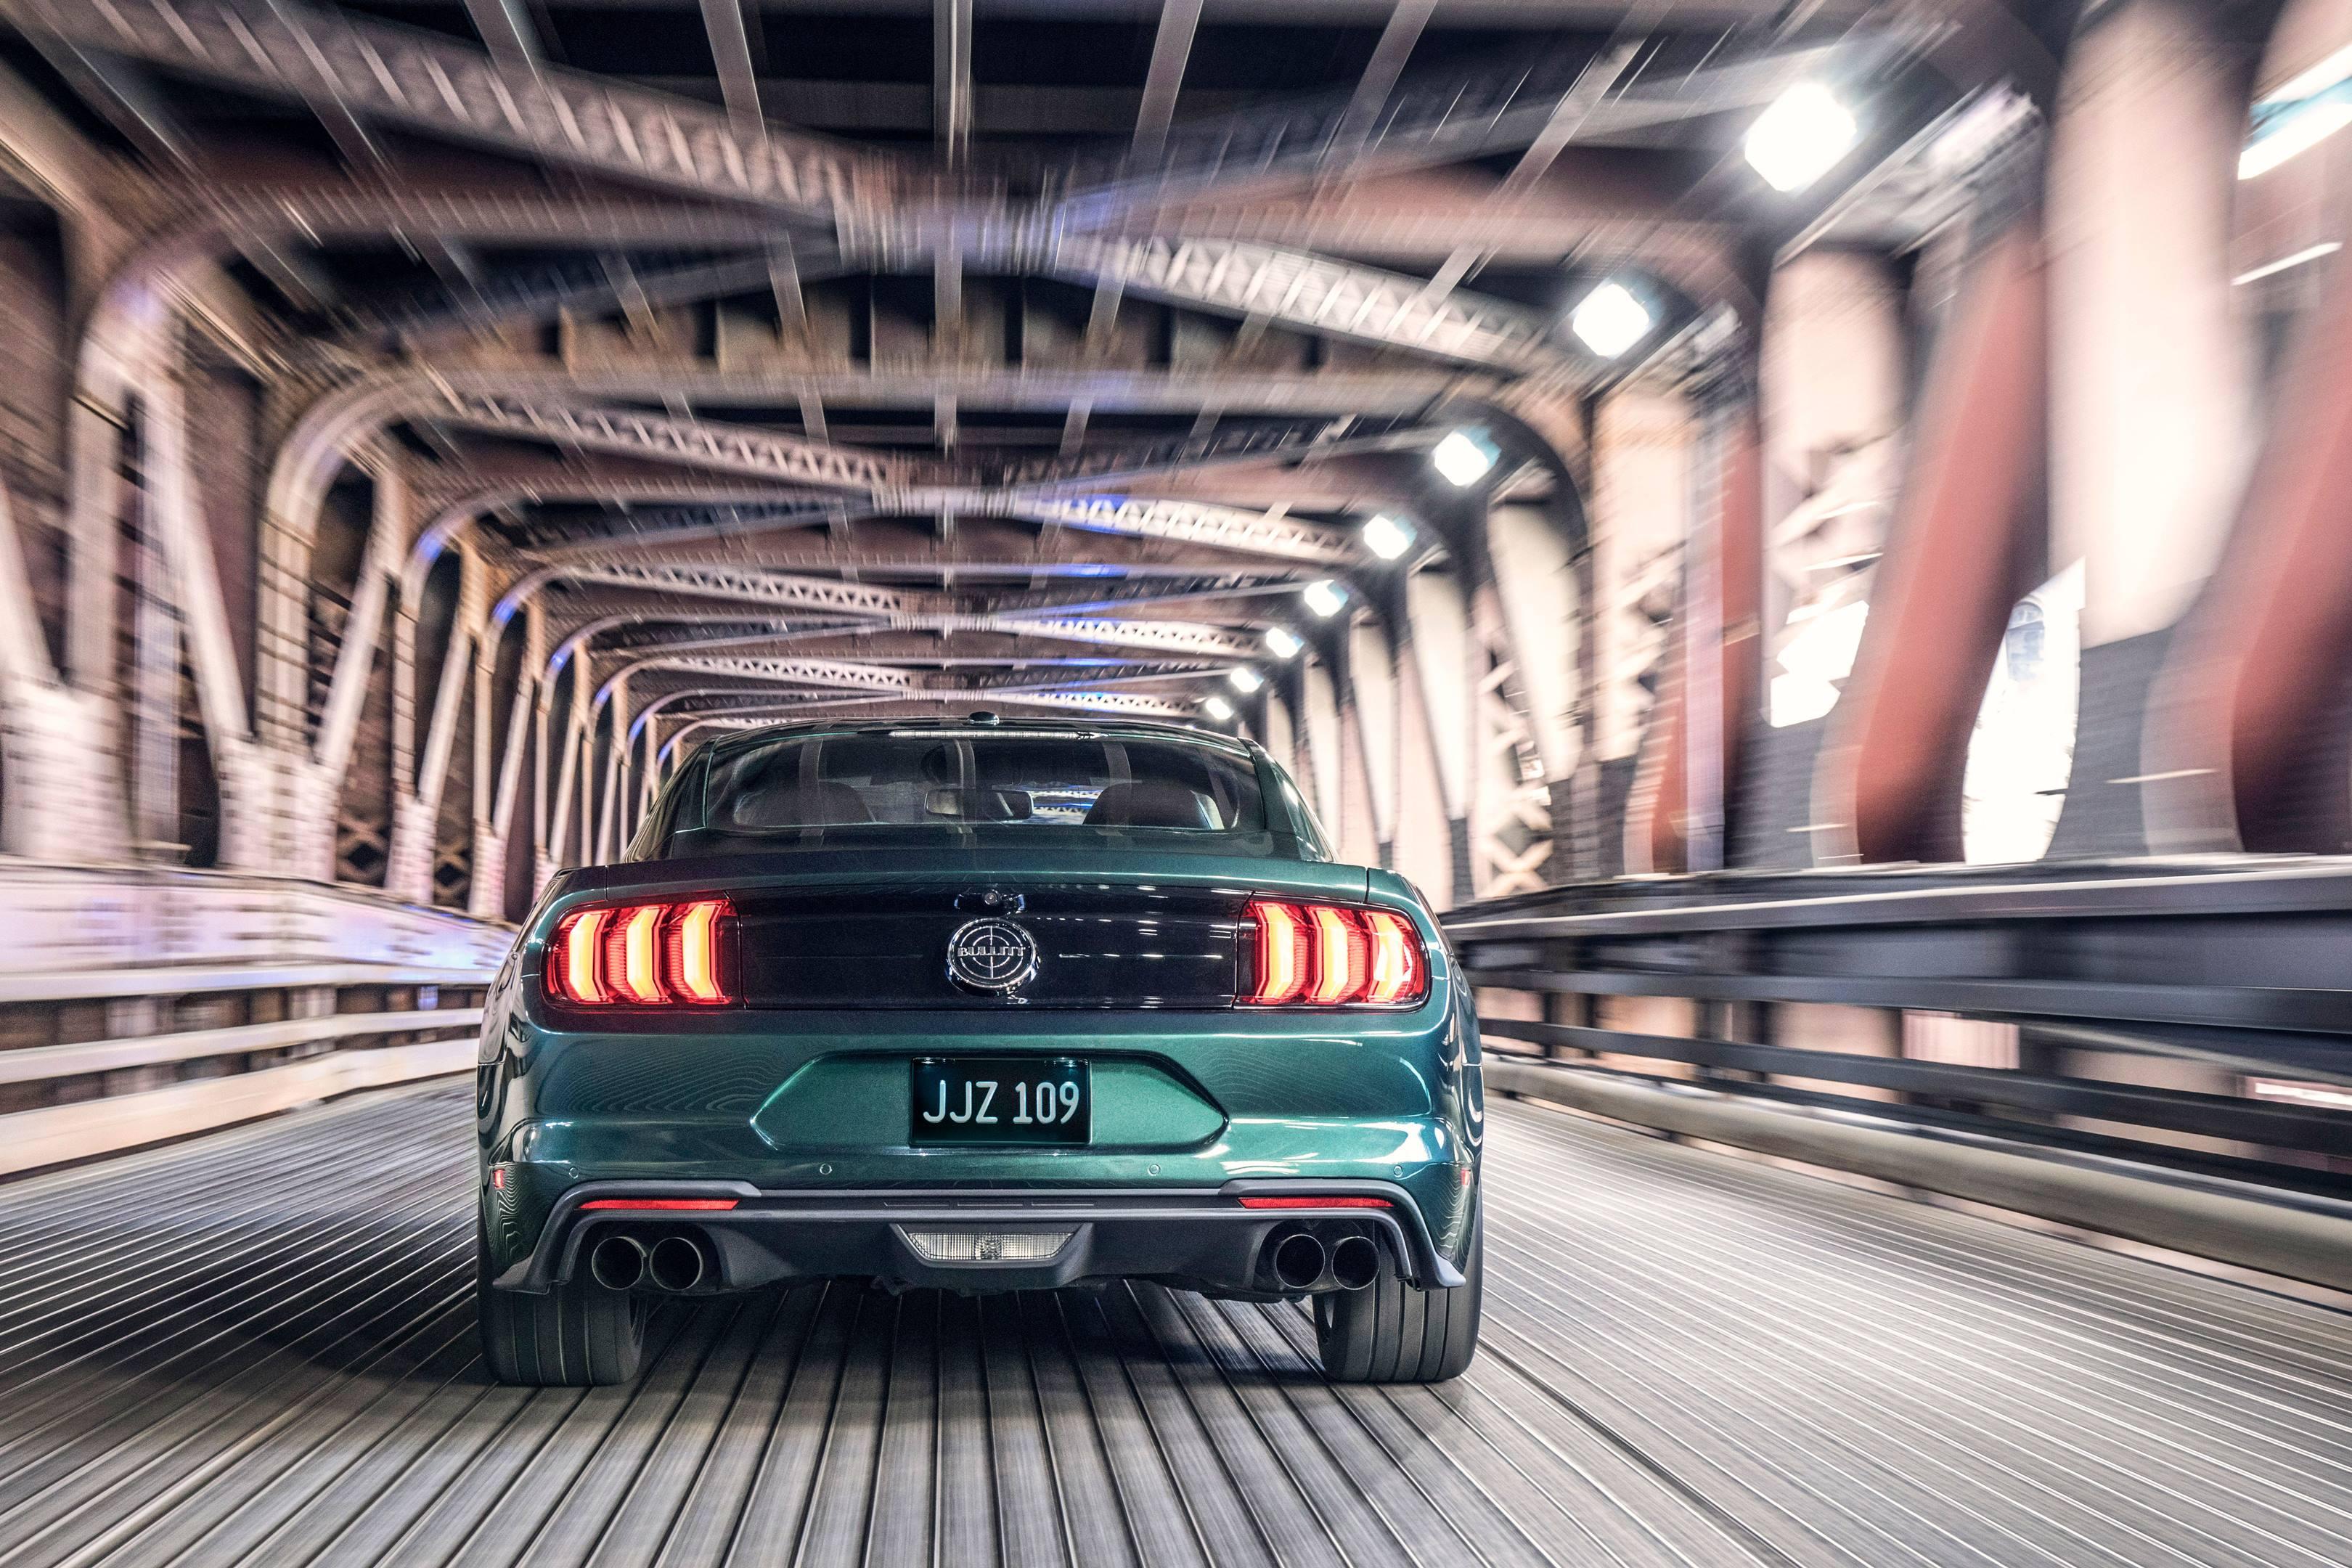 2019 Mustang Bullitt rear